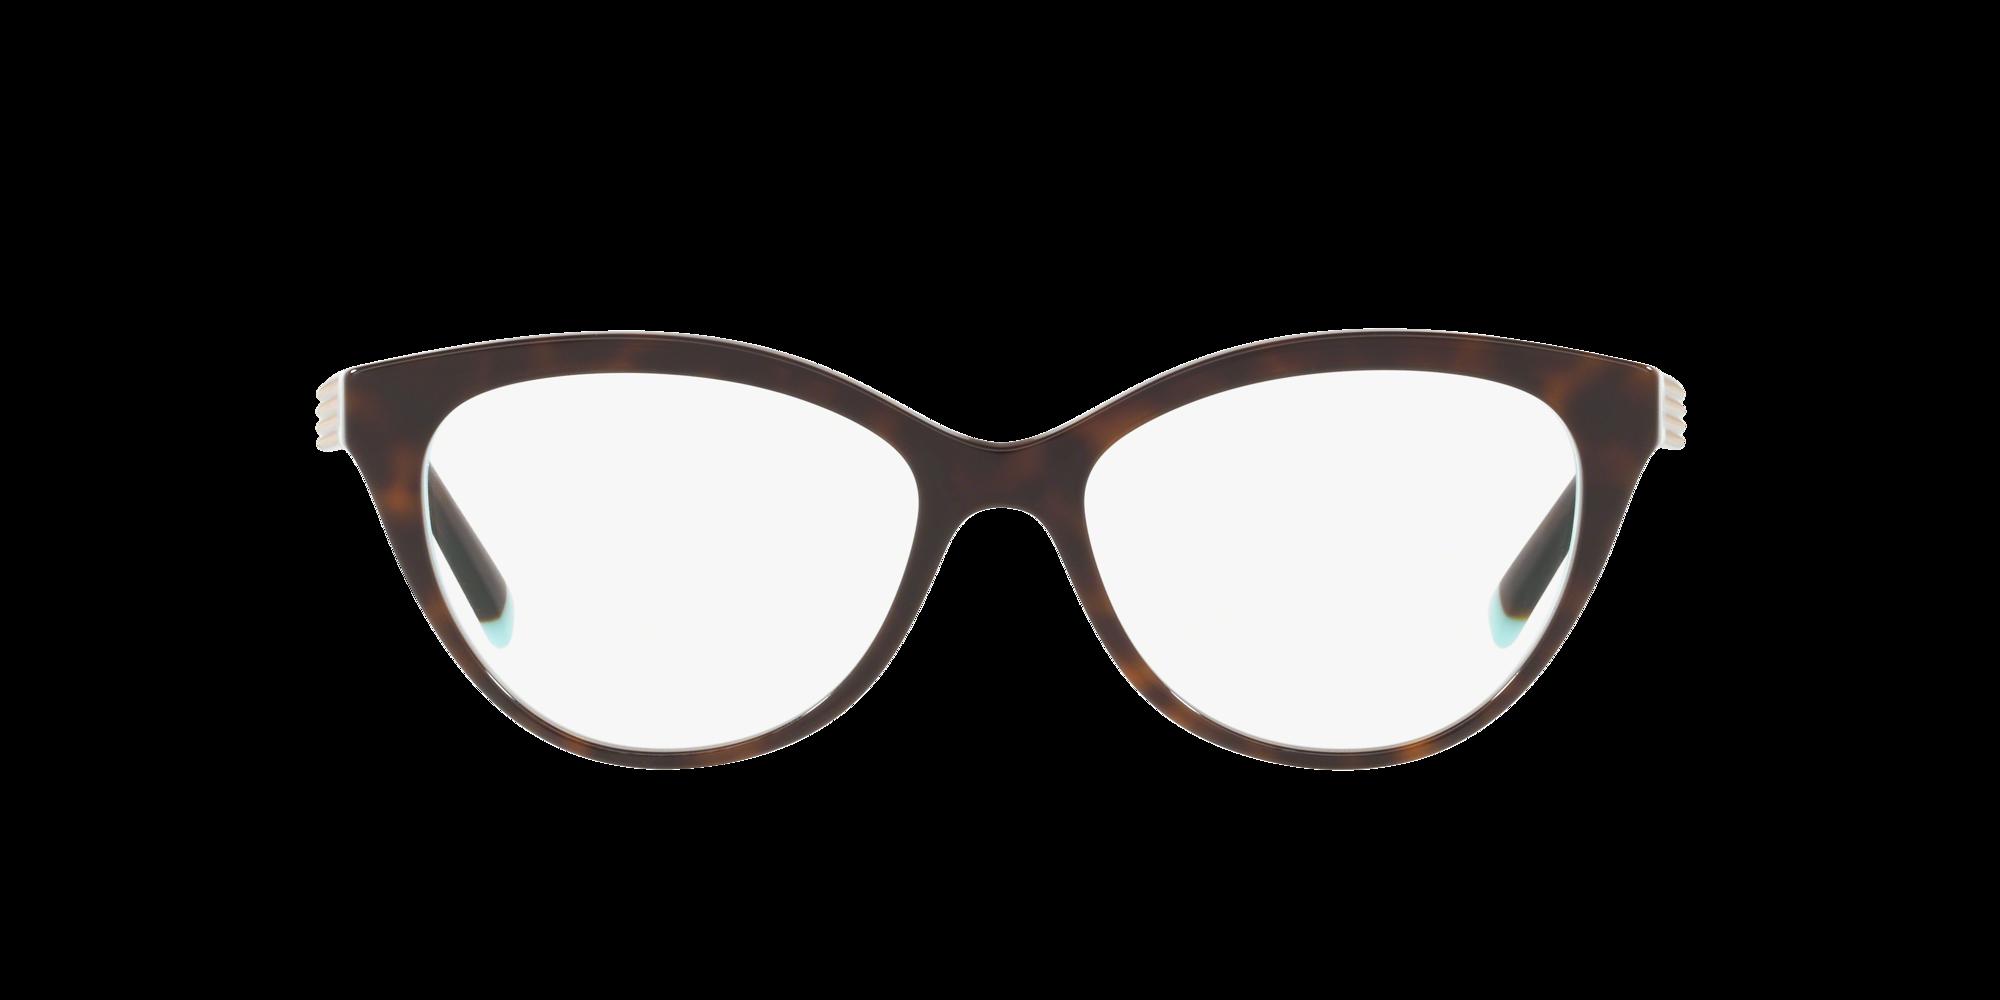 Imagen para TF2180 de LensCrafters |  Espejuelos, espejuelos graduados en línea, gafas